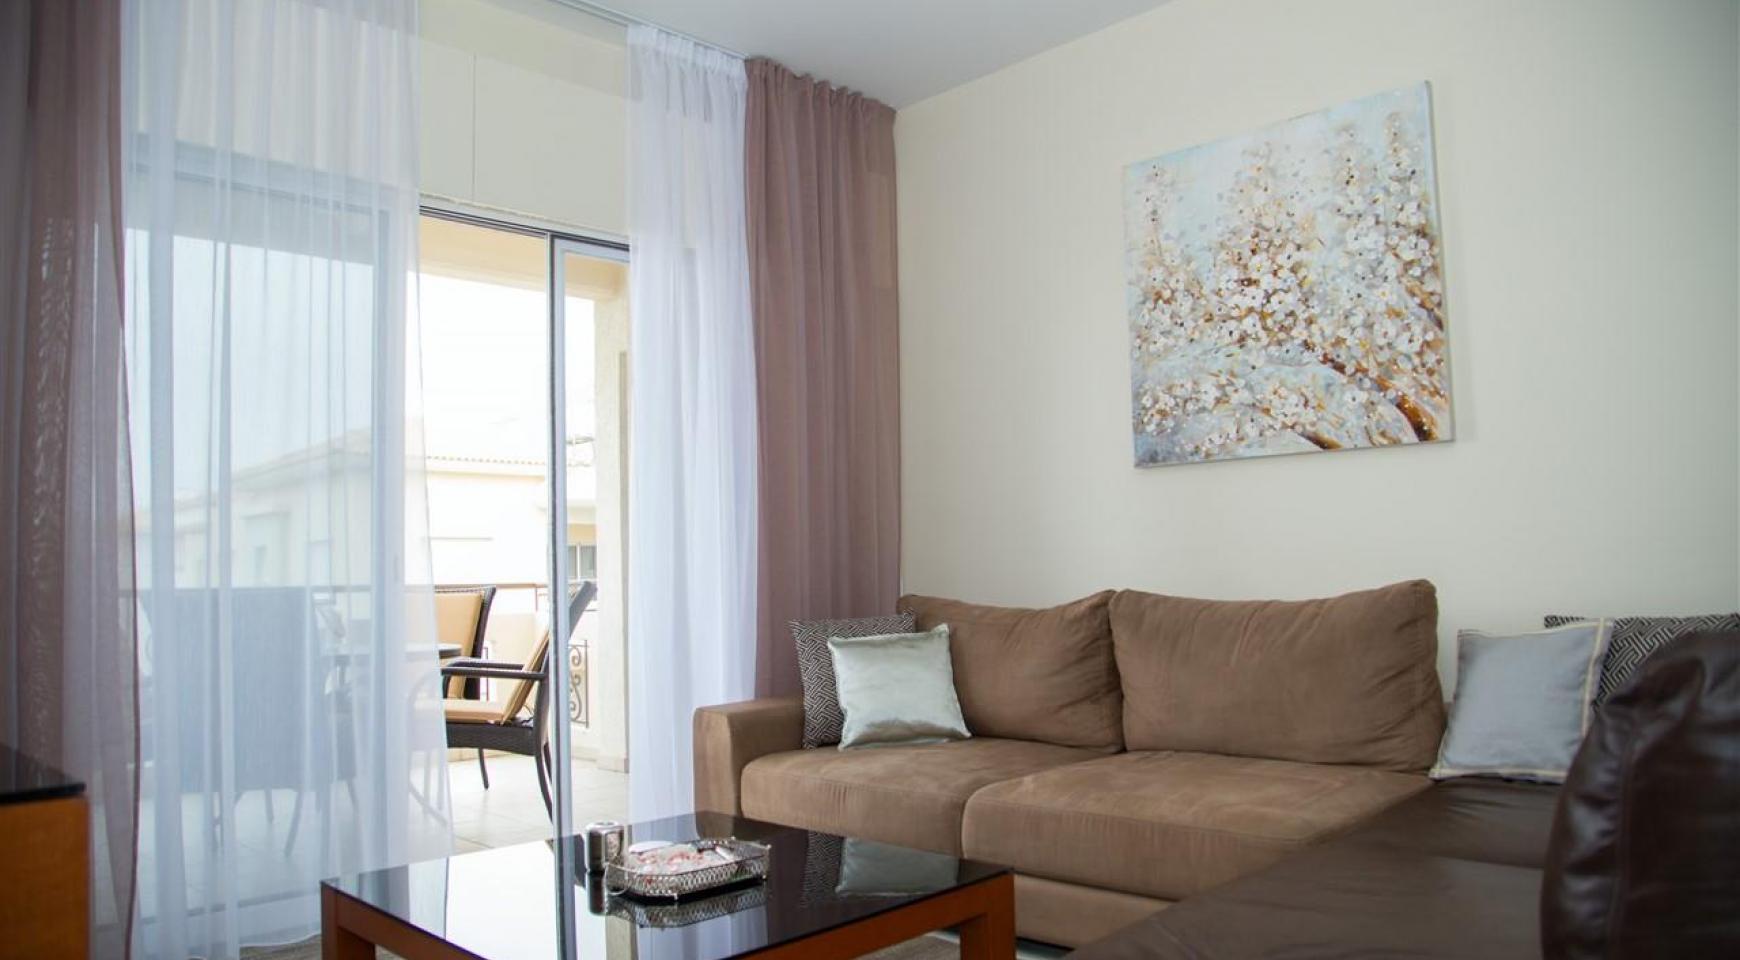 2-Спальная Квартира Mesogios Iris 304 в Комплексе у Моря - 4